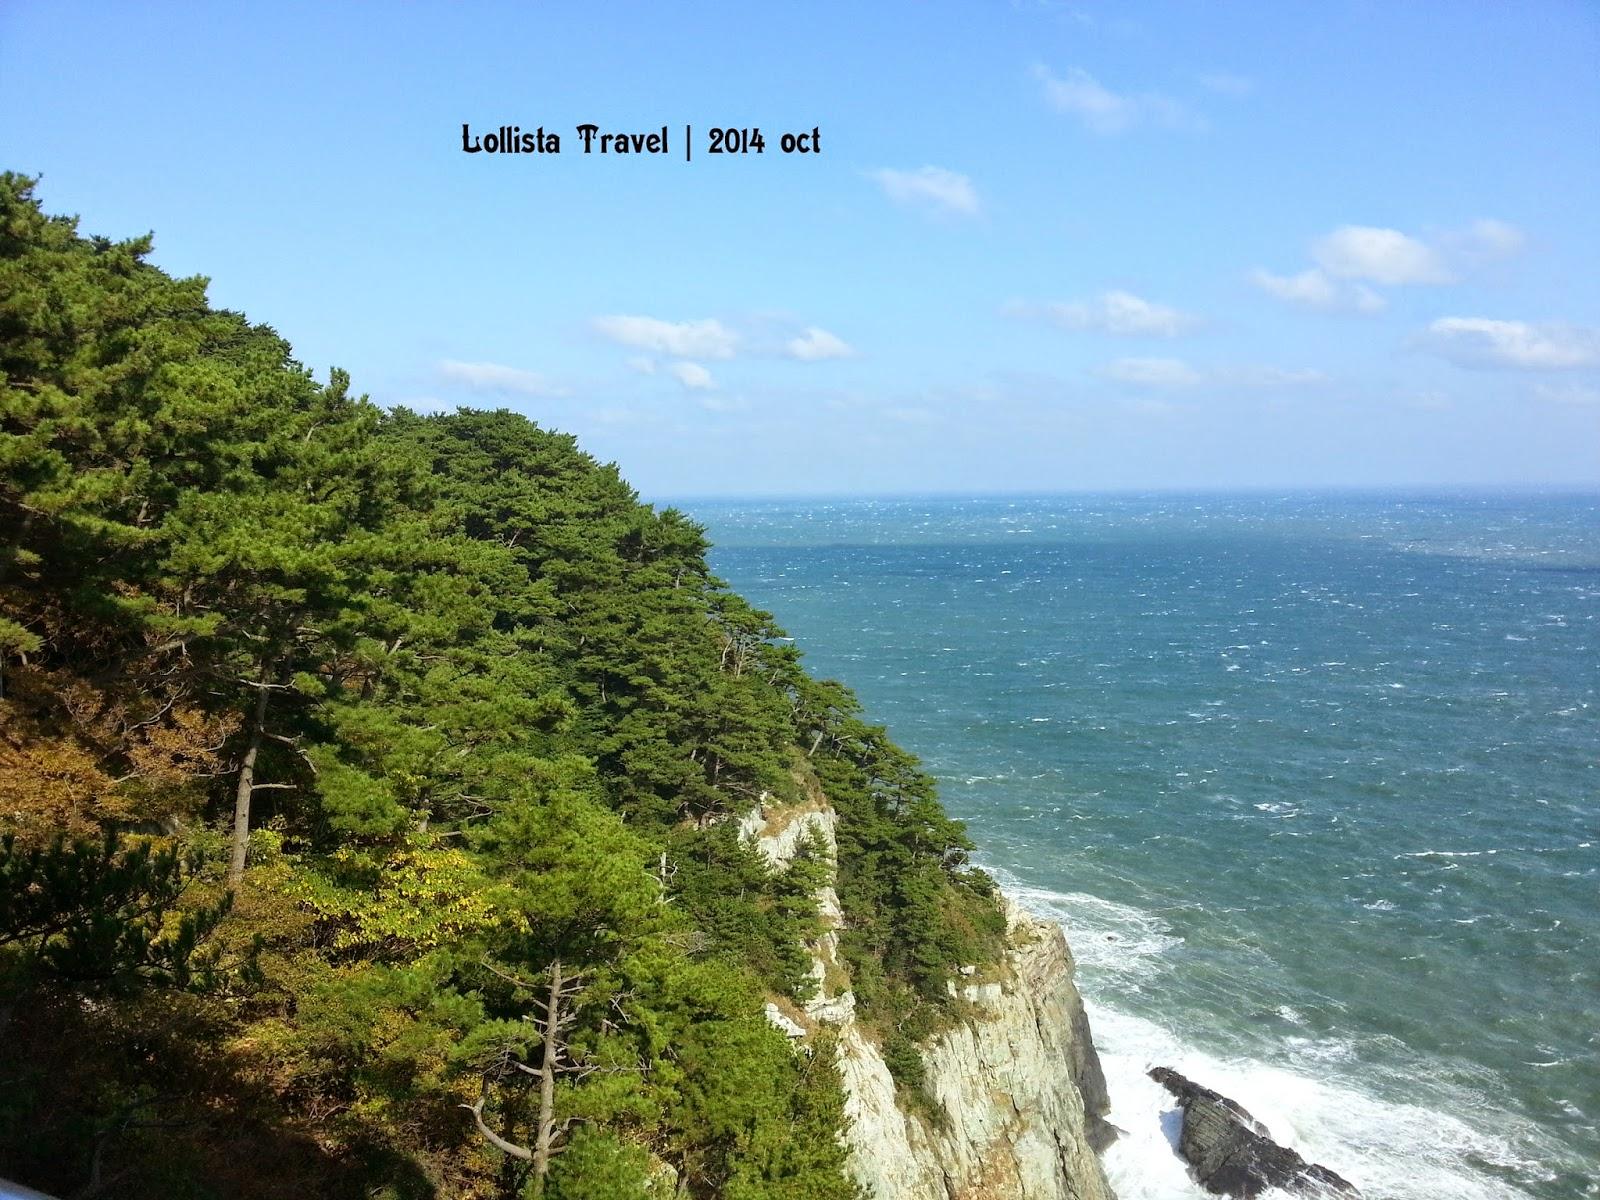 http://lollista.blogspot.com/